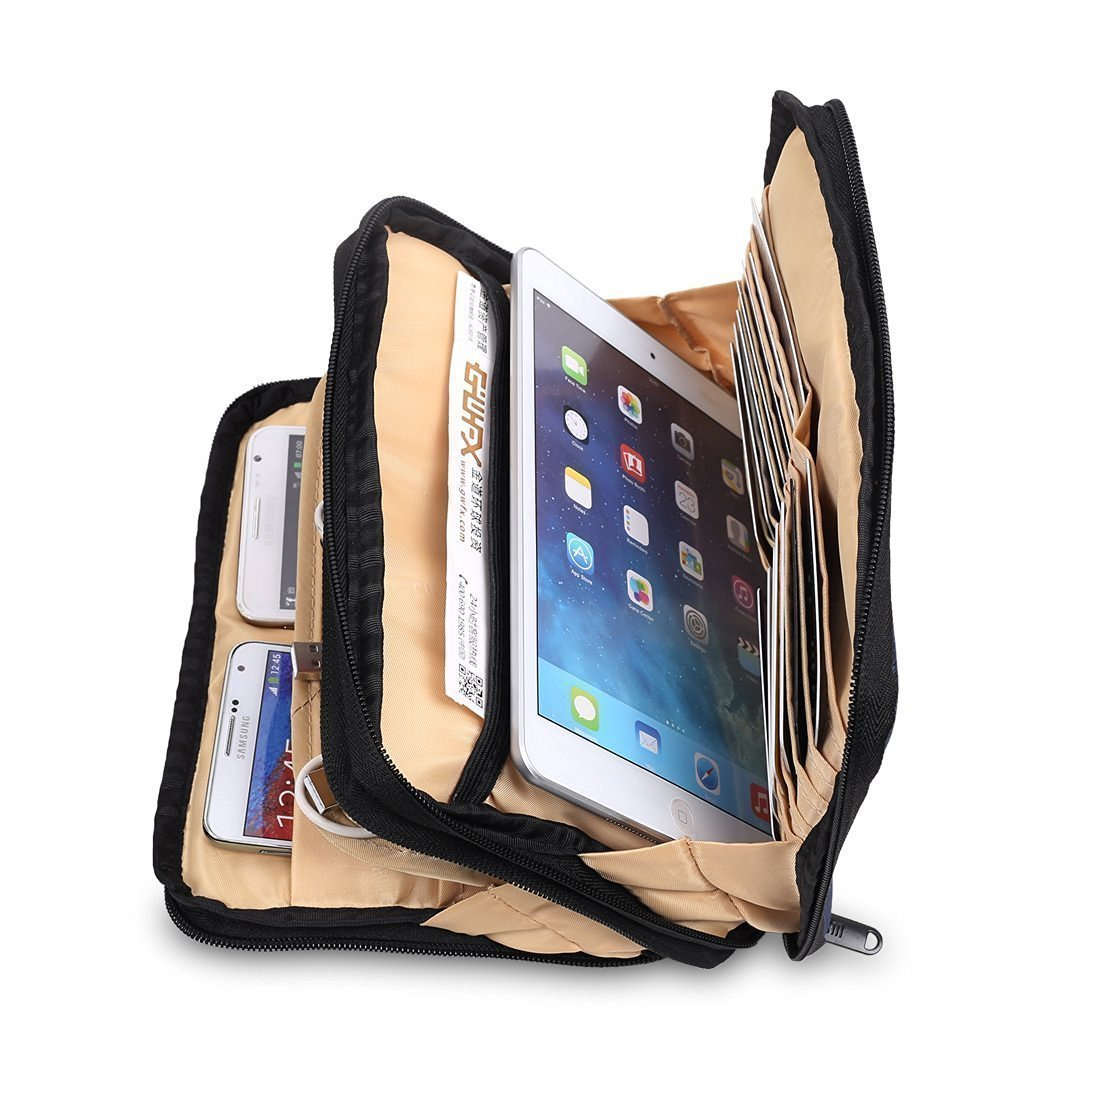 BUBM Borsa da Viaggio Portatile per Organizer Borse Impermeabili a Doppio Strato per Accessori Elettronici Mini iPad / Cavo USB   - Porpora